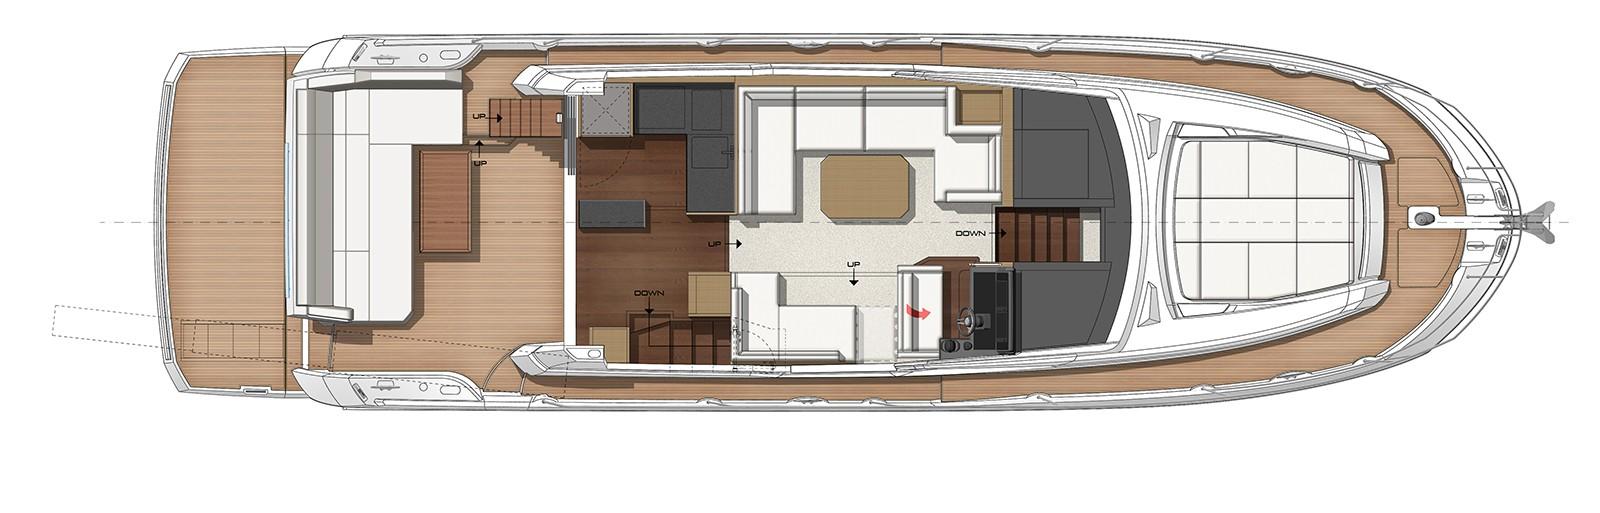 PR5SA-17-06-13-Plan-Pont-garage-